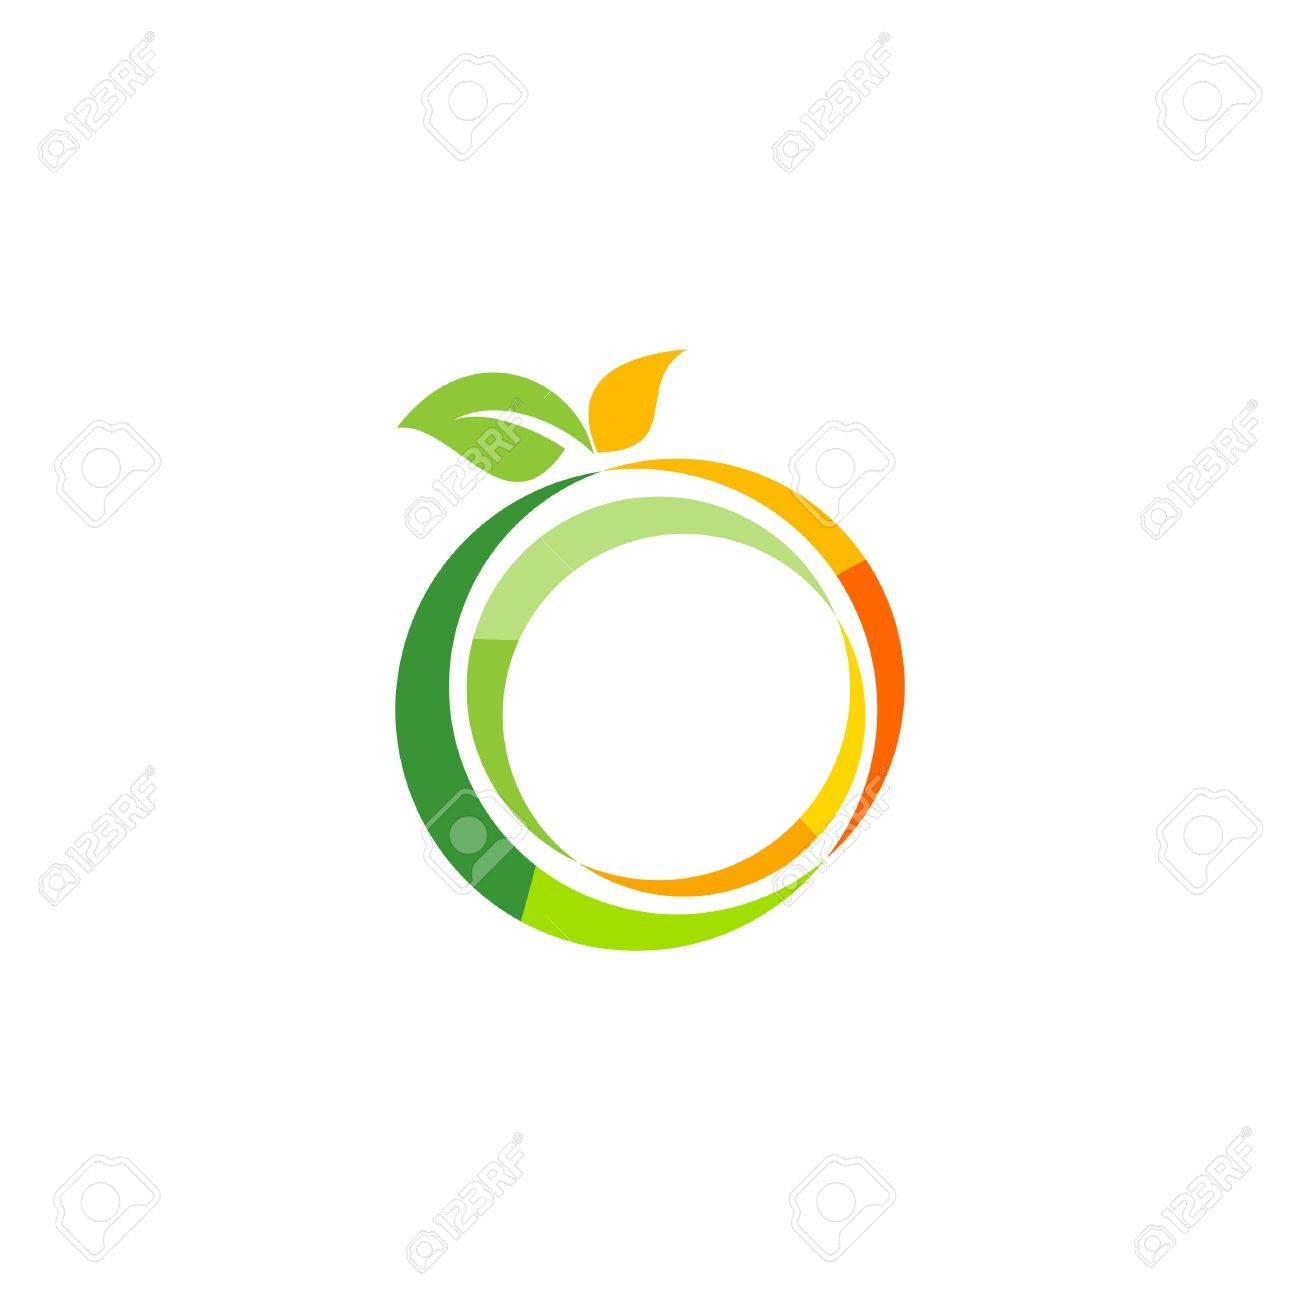 Abbildung Frische Frucht Logo Vorlage, Zitrone Gesundheit Symbol ...